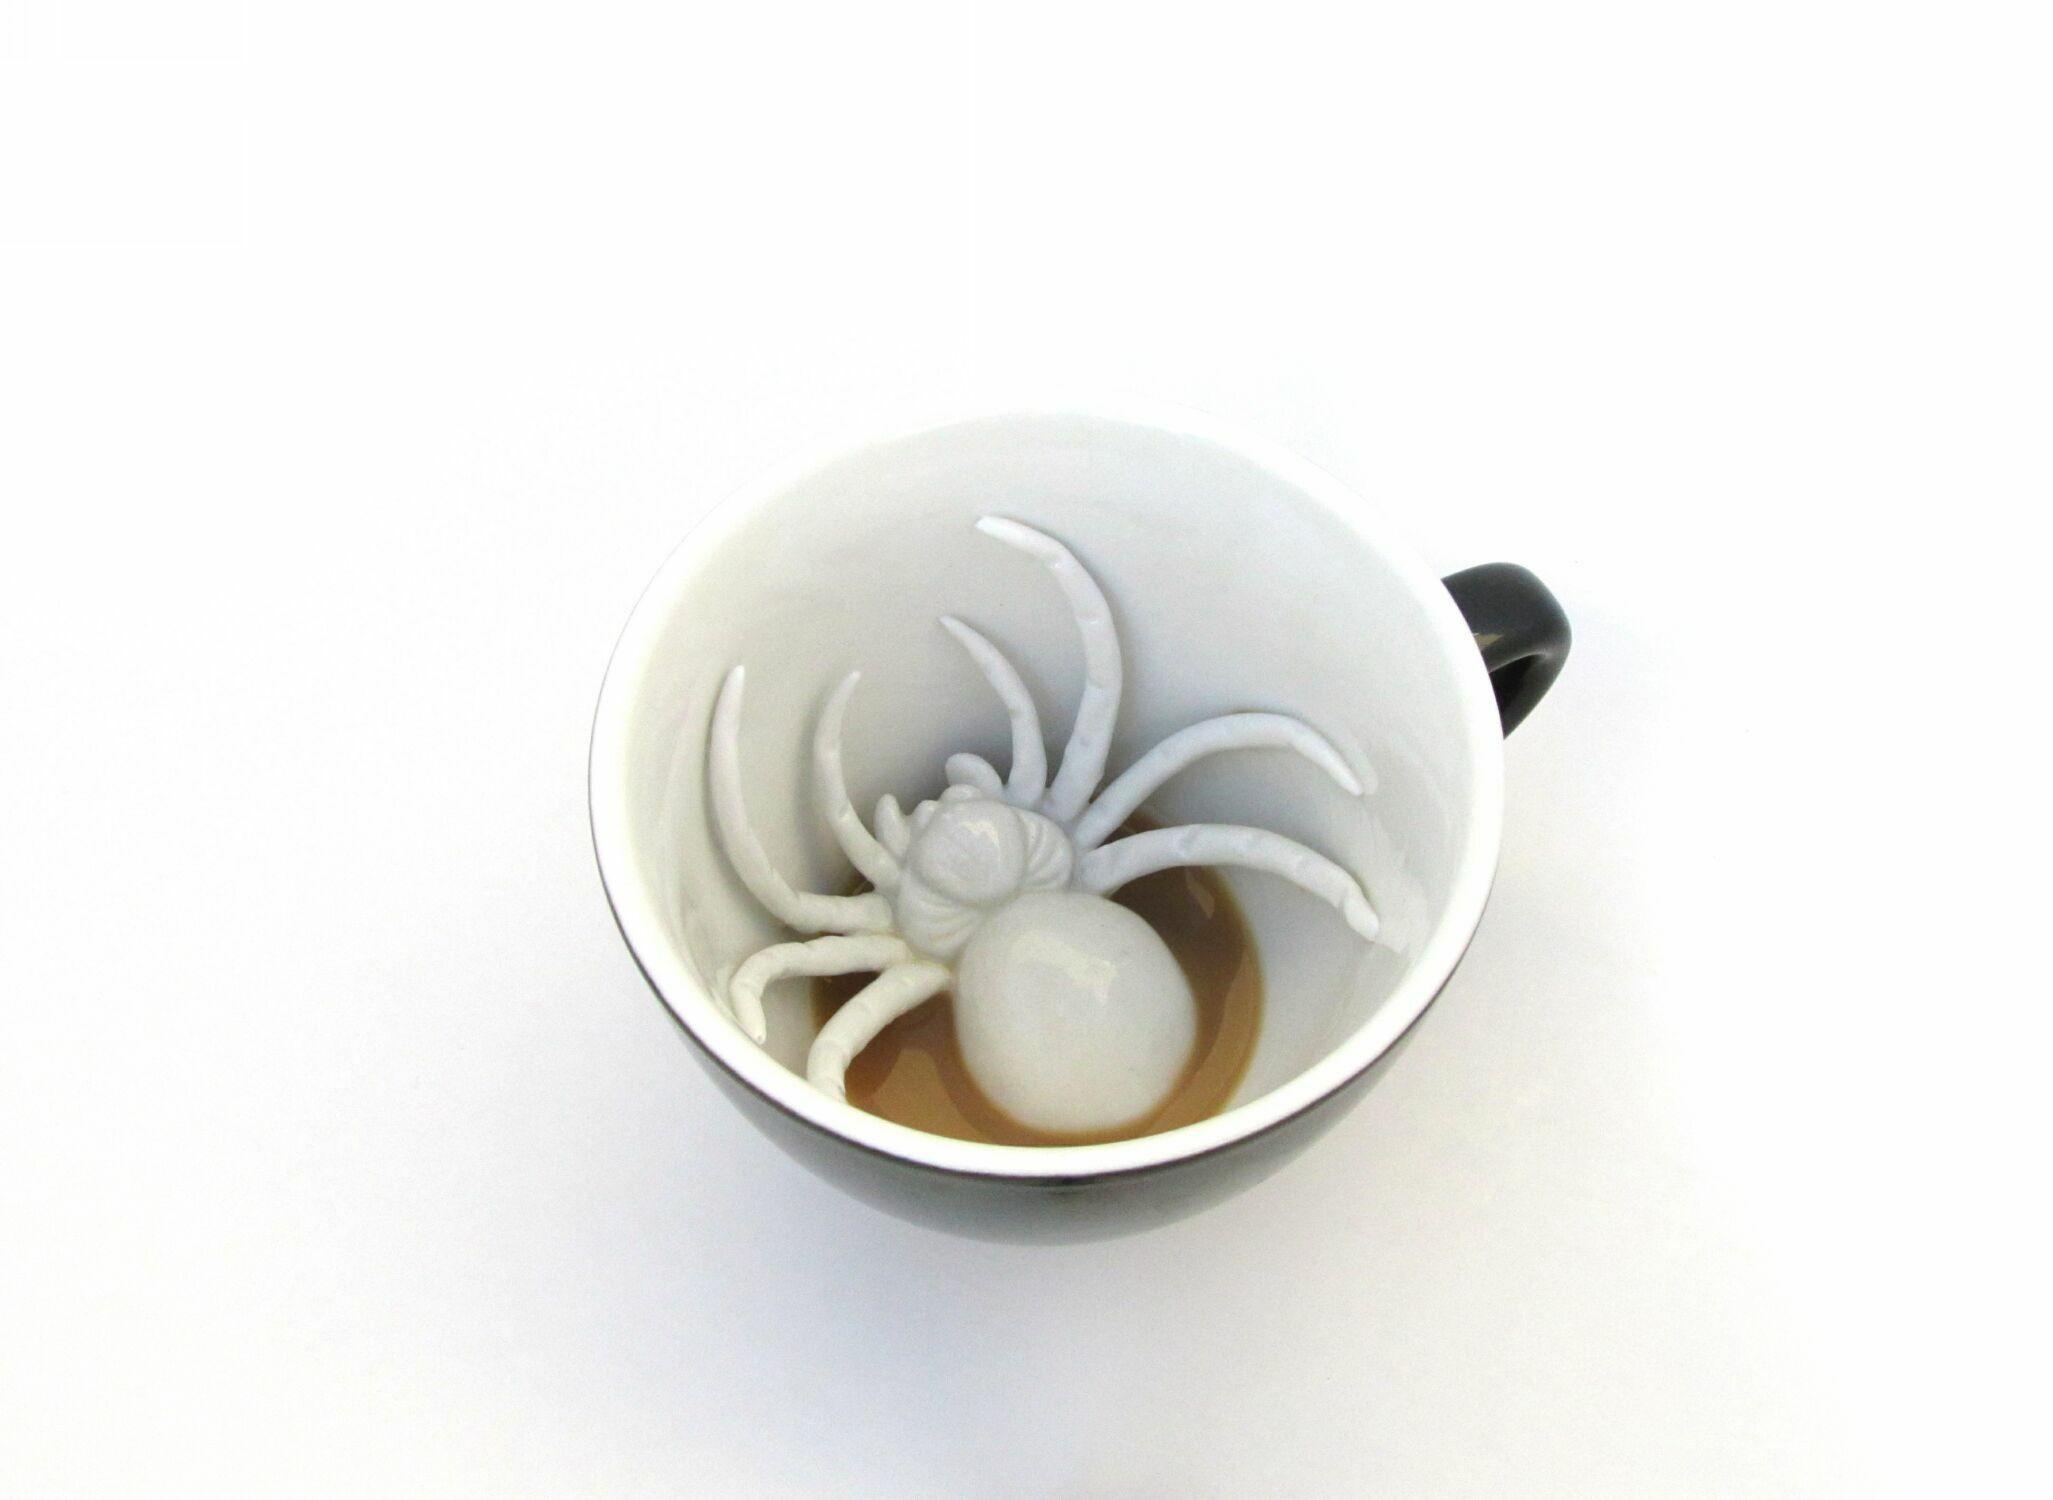 Кружка с фигуркой паука внутри (330 мл)